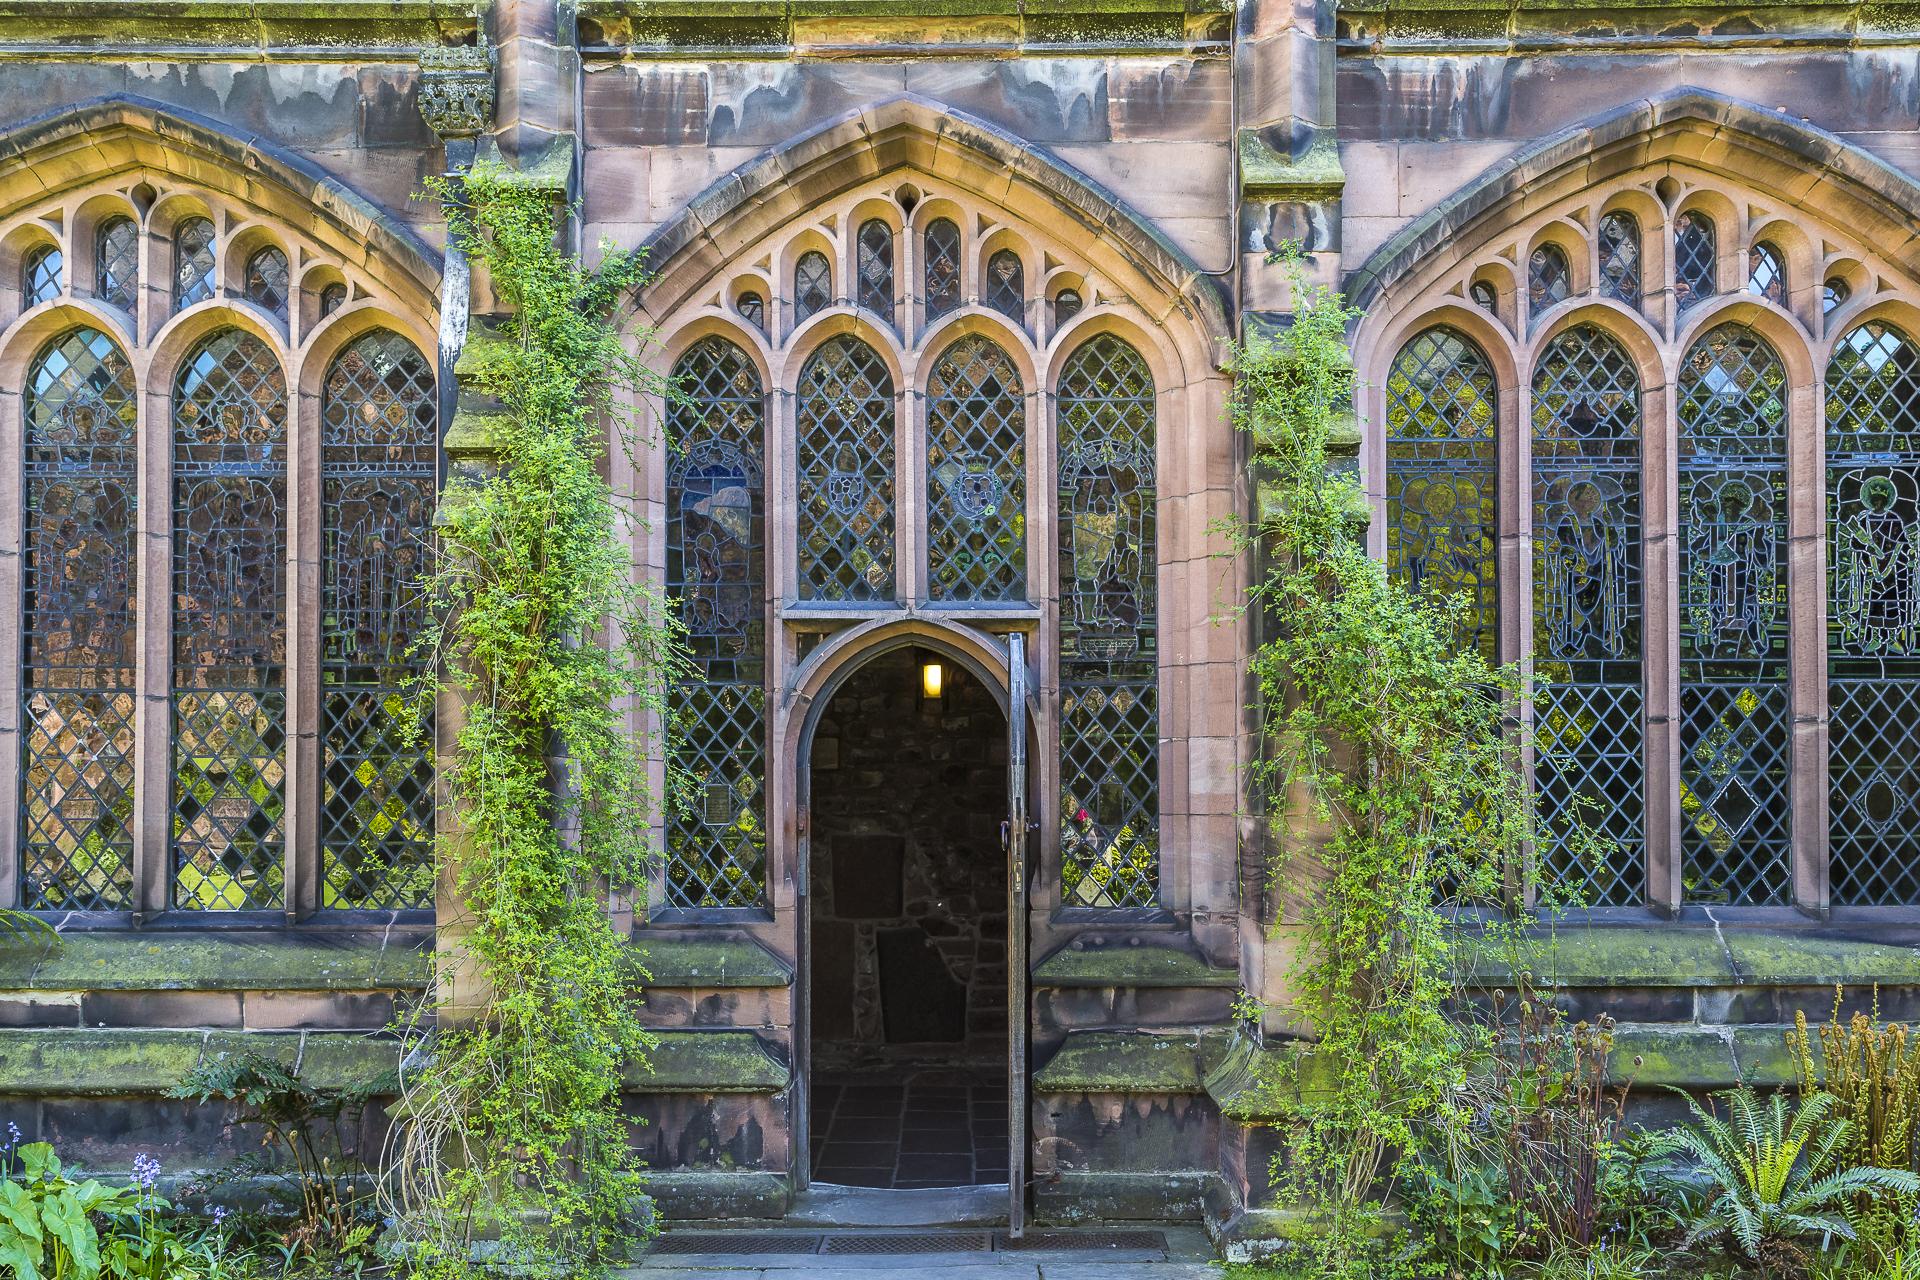 Innenhof-Kreuzgang-Katedrale-Chester-1